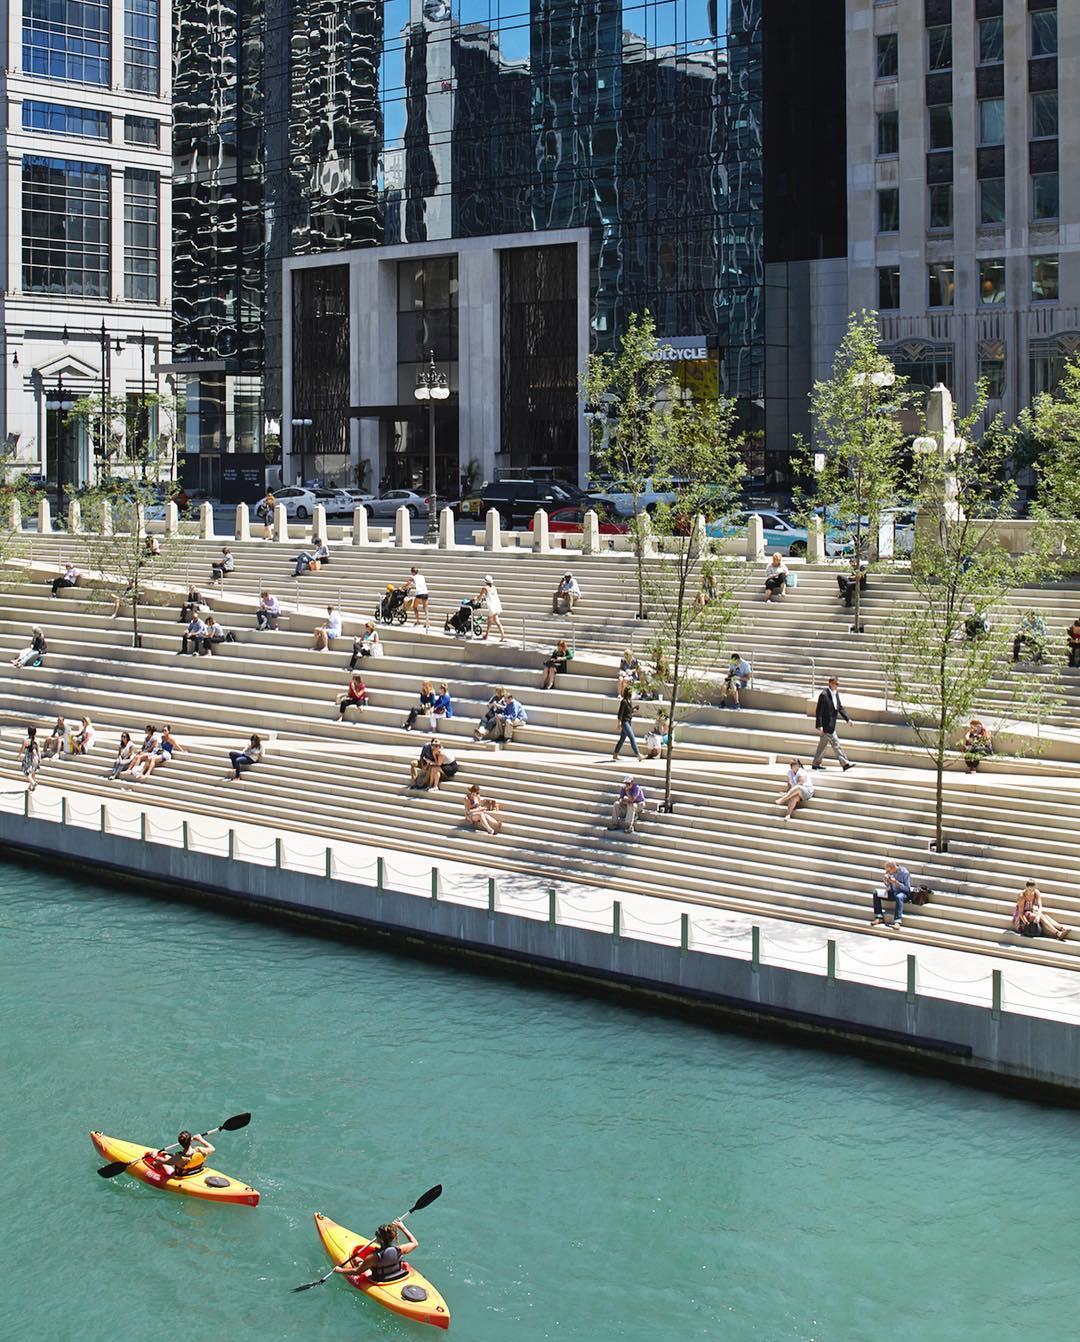 Набережная с пандусами для прогулок инвалидов колясочников в Чикаго